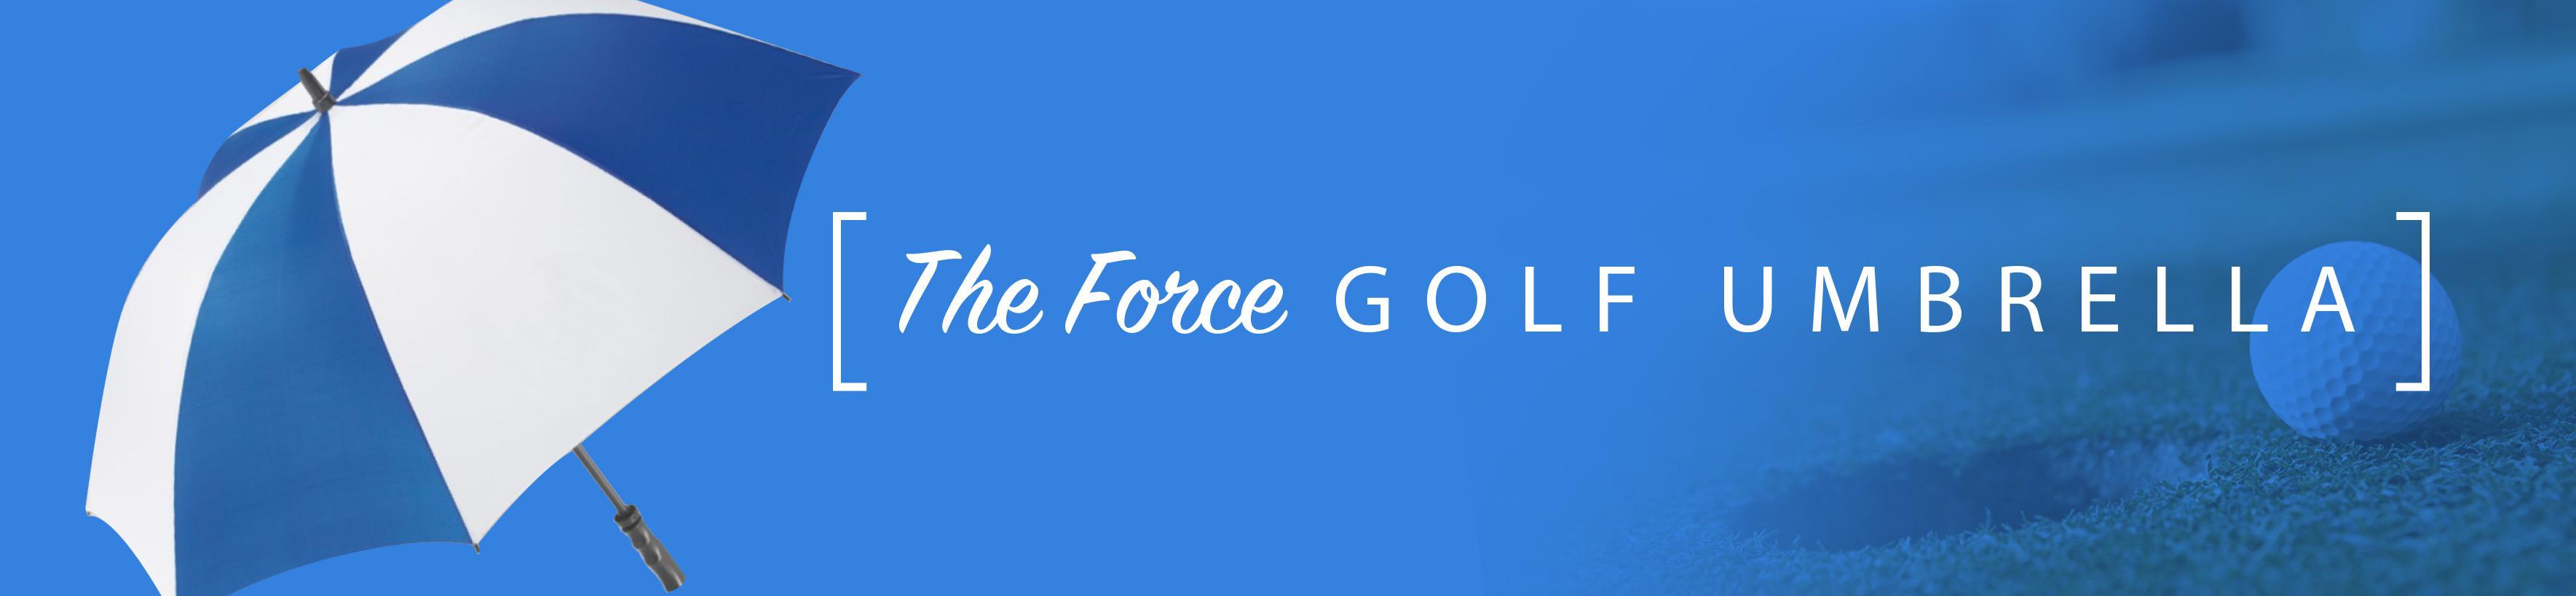 The Force Golf Umbrella